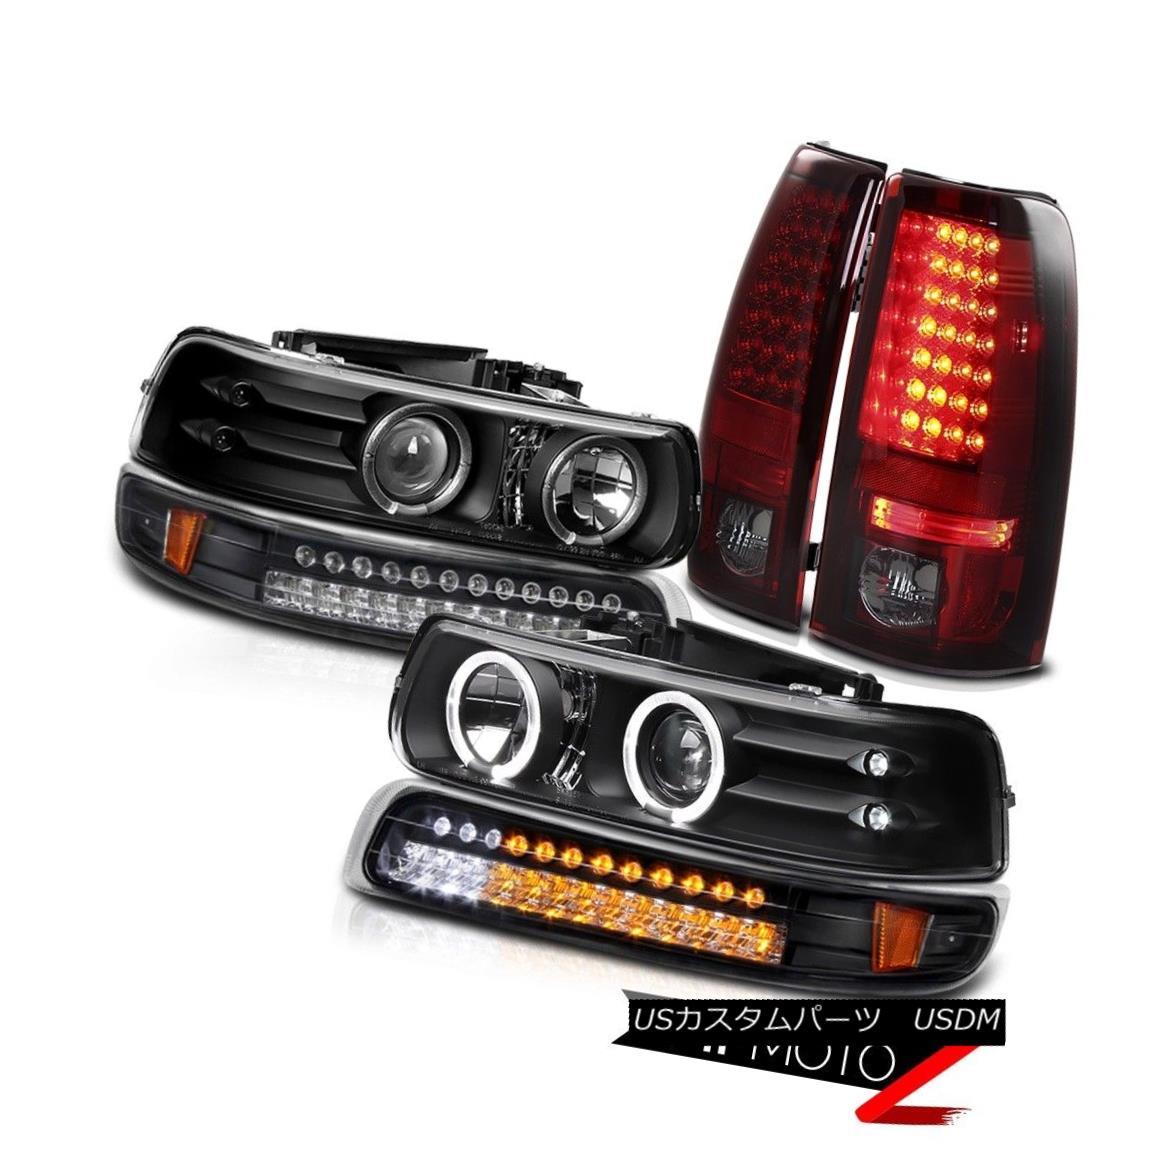 ヘッドライト SMOKEY RED 99-02 Silverado PickUp Truck Halo LED Headlights Taillamps LEFT+RIGHT SMOKEY RED 99-02 Silverado PickUpトラックHalo LEDヘッドライトトライアングル左+右